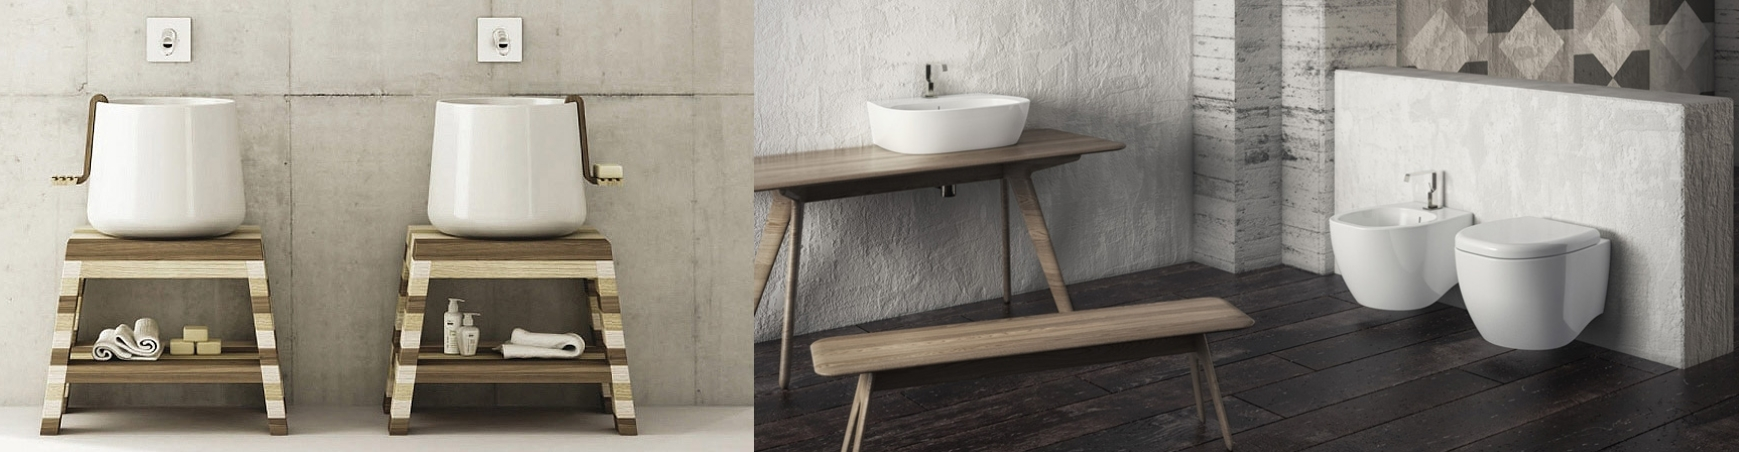 Arredo bagno vendita on line articoli da bagno for Articoli da bagno